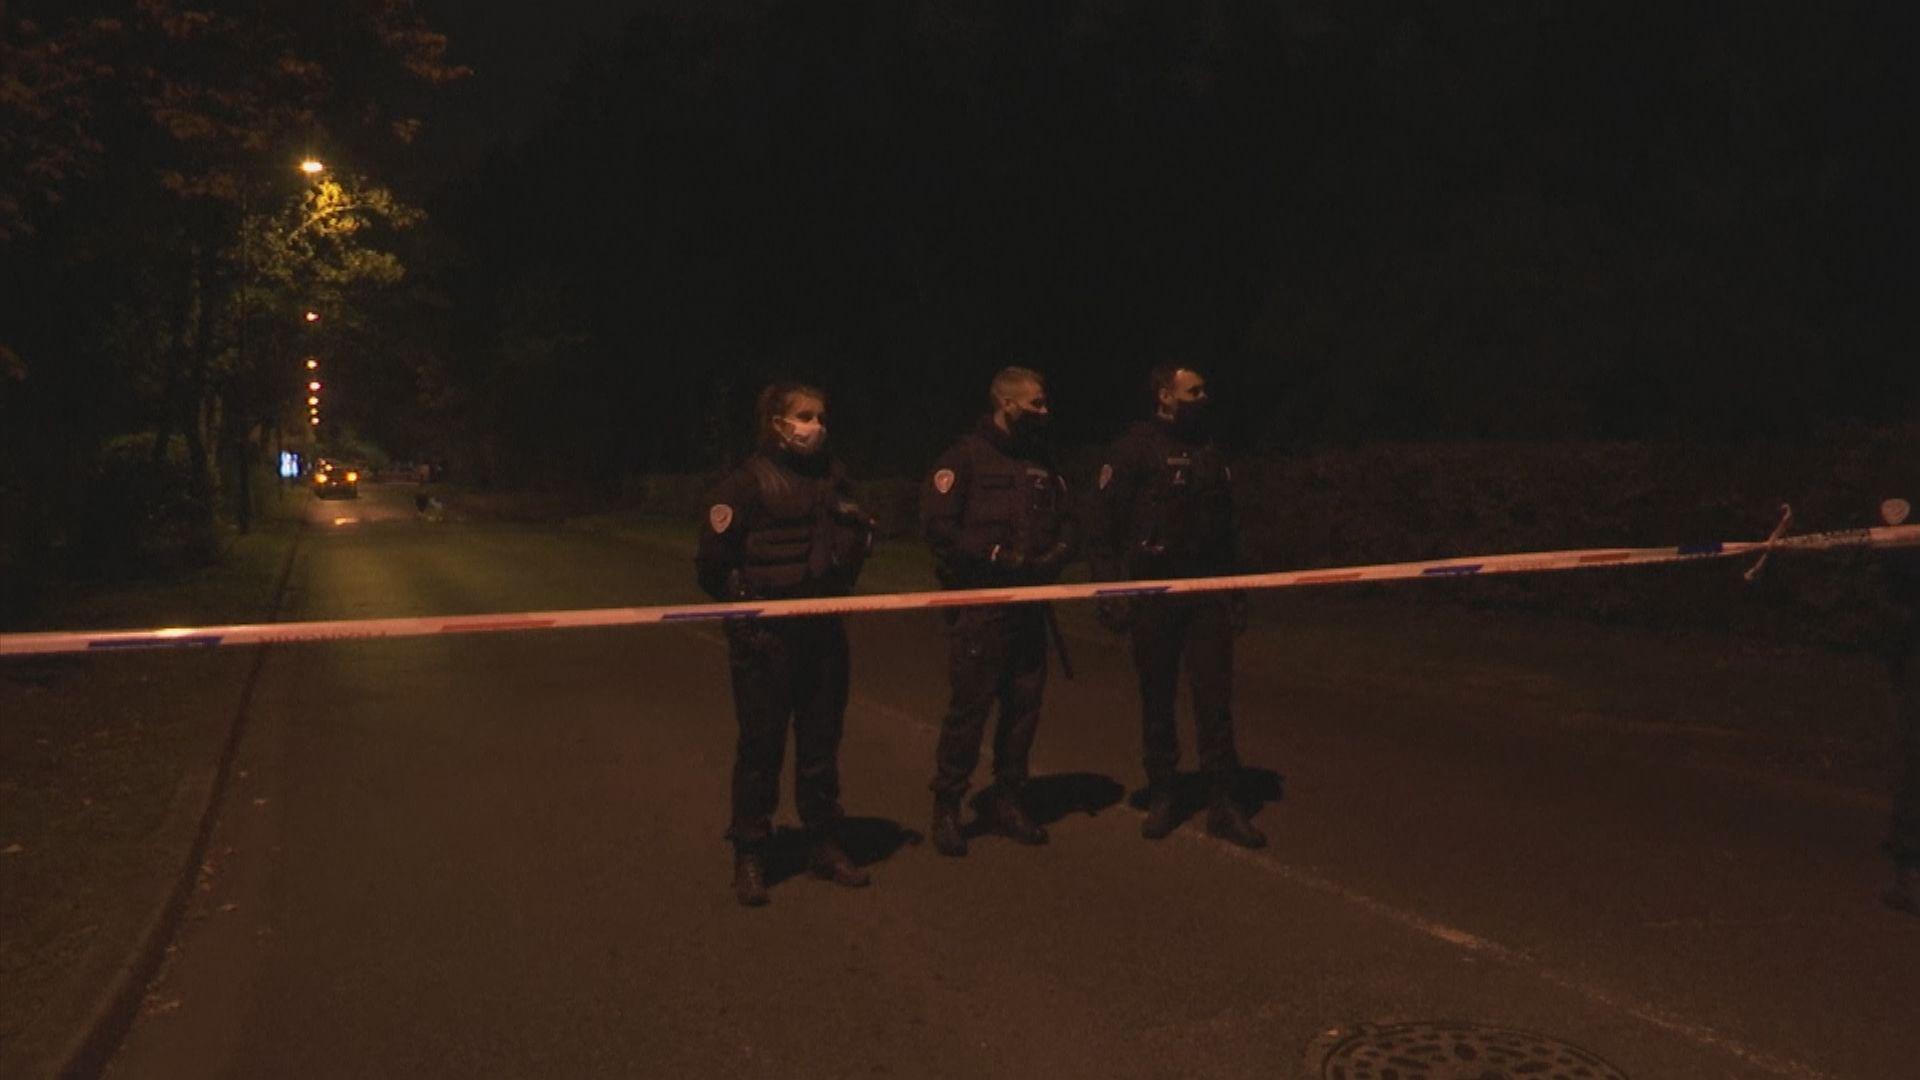 法國尼斯持刀襲擊案兇手被捕 反恐部門介入調查